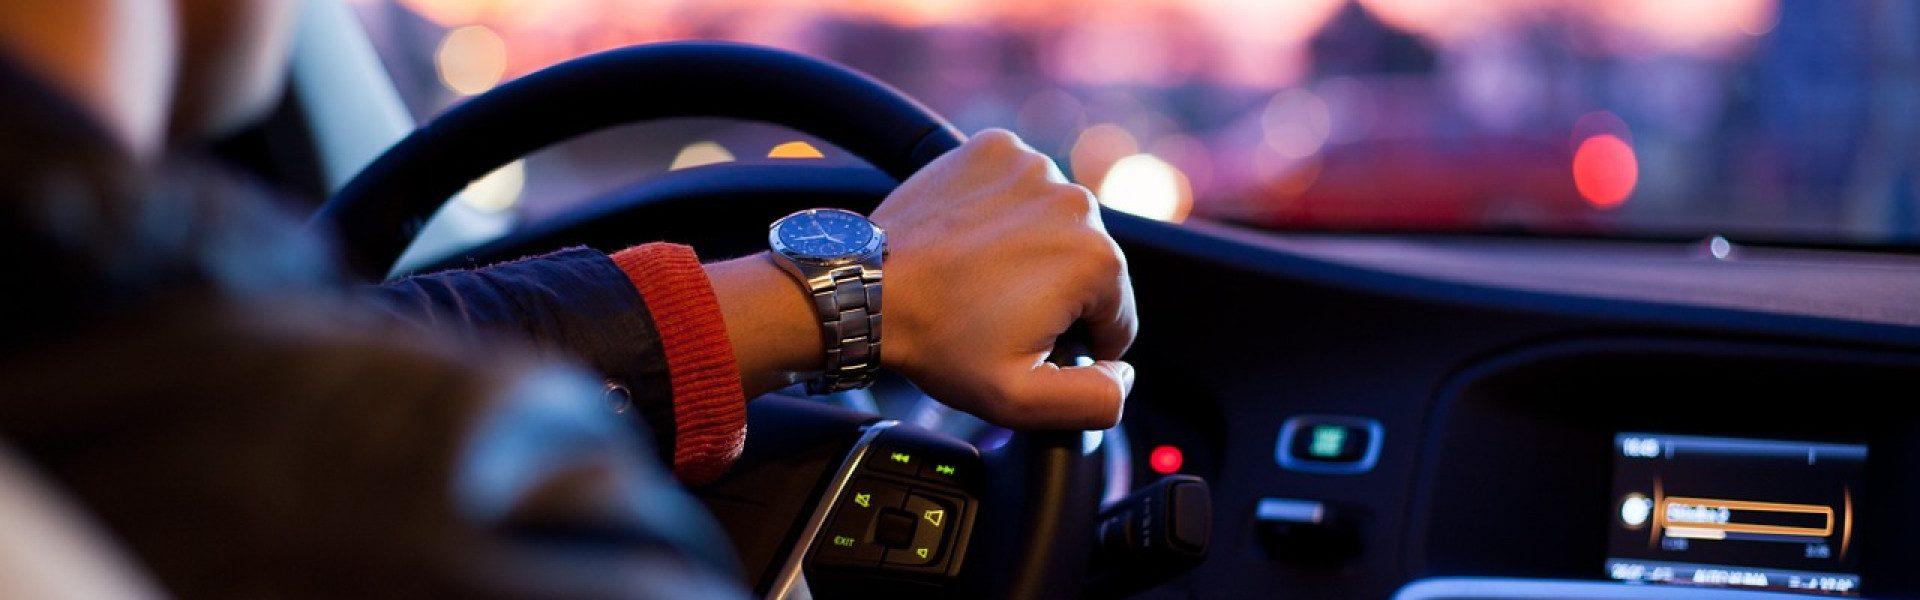 Acheter son véhicule auprès d'un mandataire auto : quels avantages ?